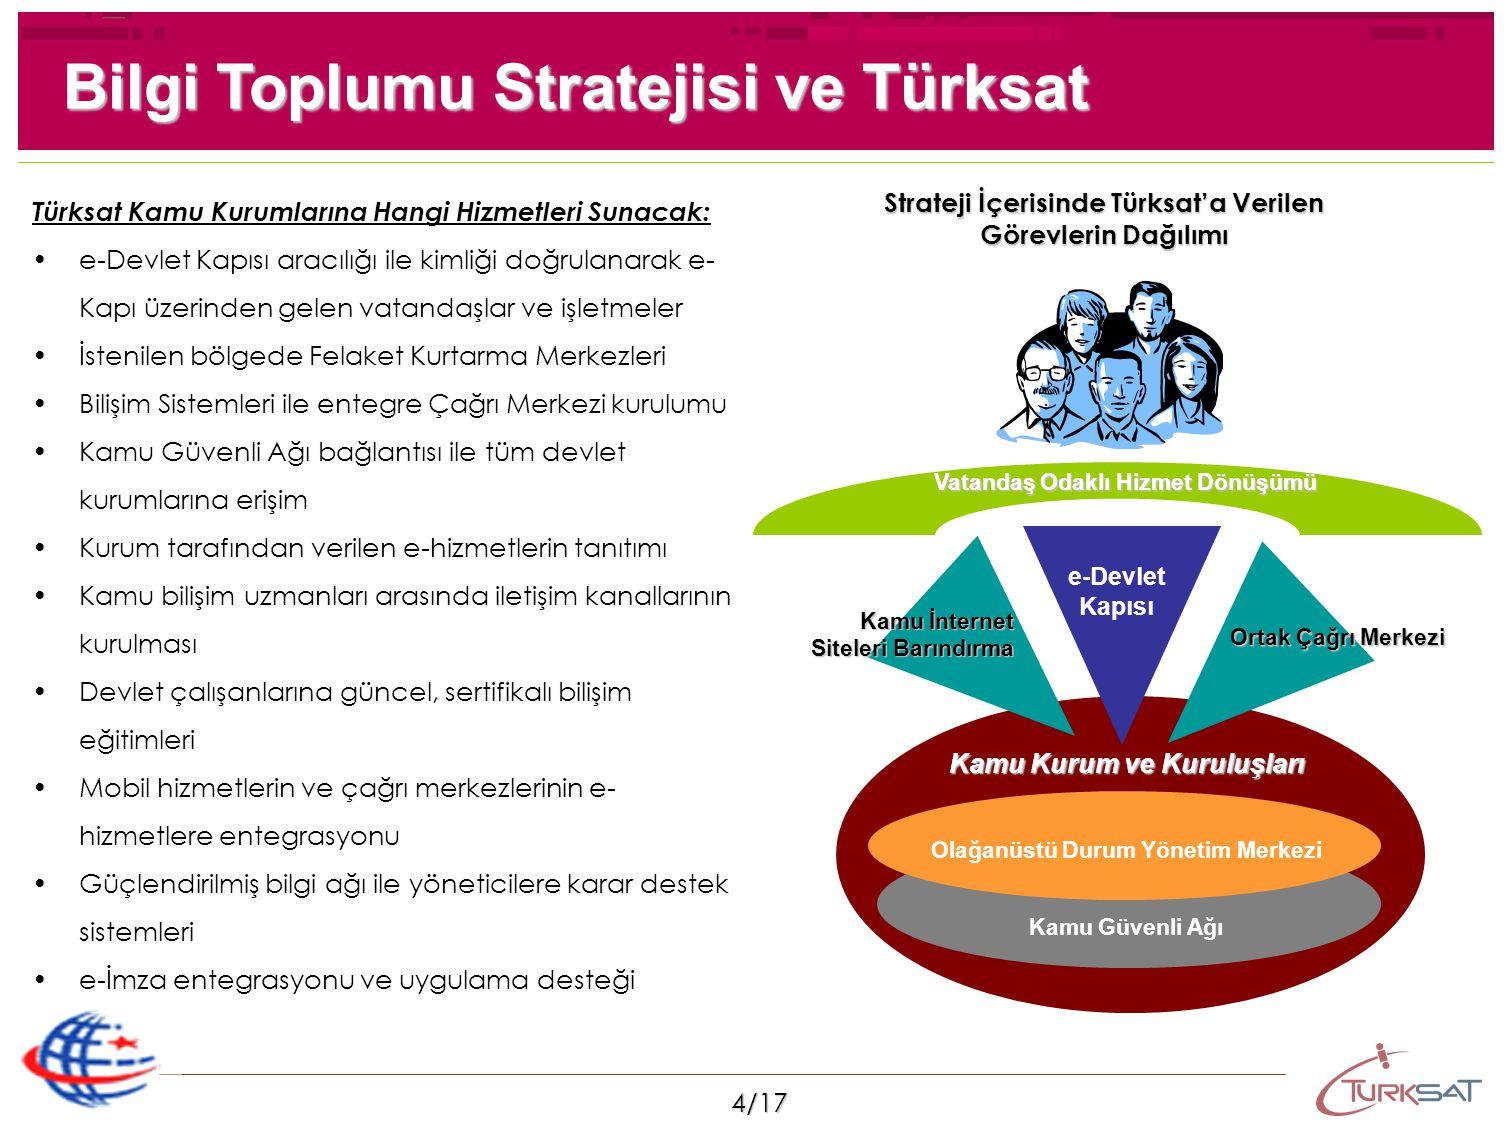 4/17 Bilgi Toplumu Stratejisi ve Türksat e-Devlet Kapısı Ortak Çağrı Merkezi Kamu Güvenli Ağı Olağanüstü Durum Yönetim Merkezi Kamu İnternet Siteleri